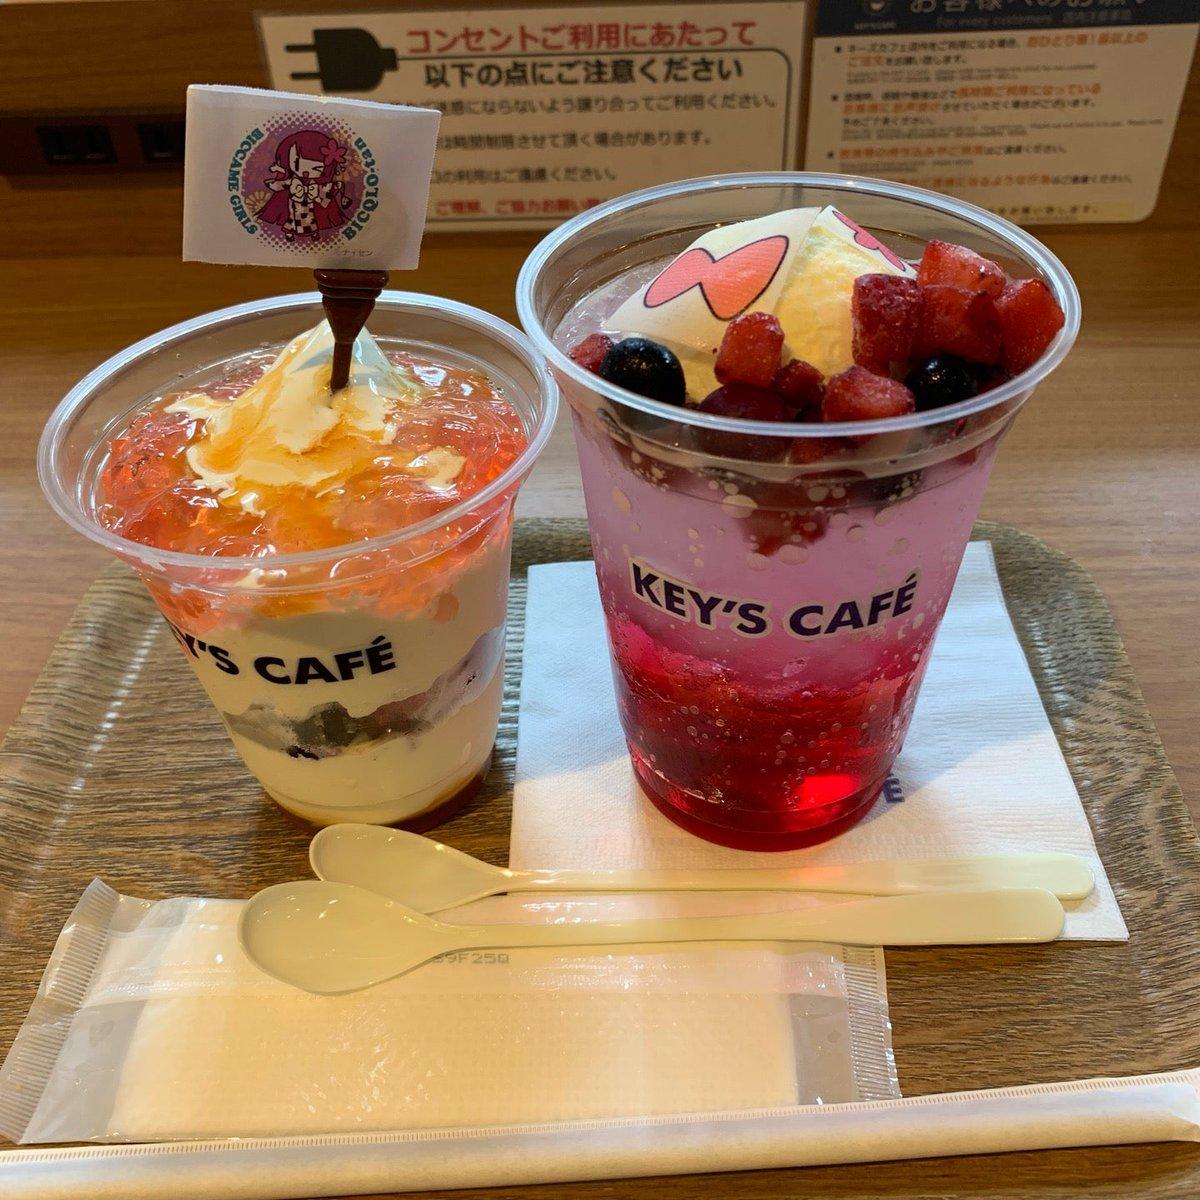 キーズカフェ コラボフロートサンデーのセット